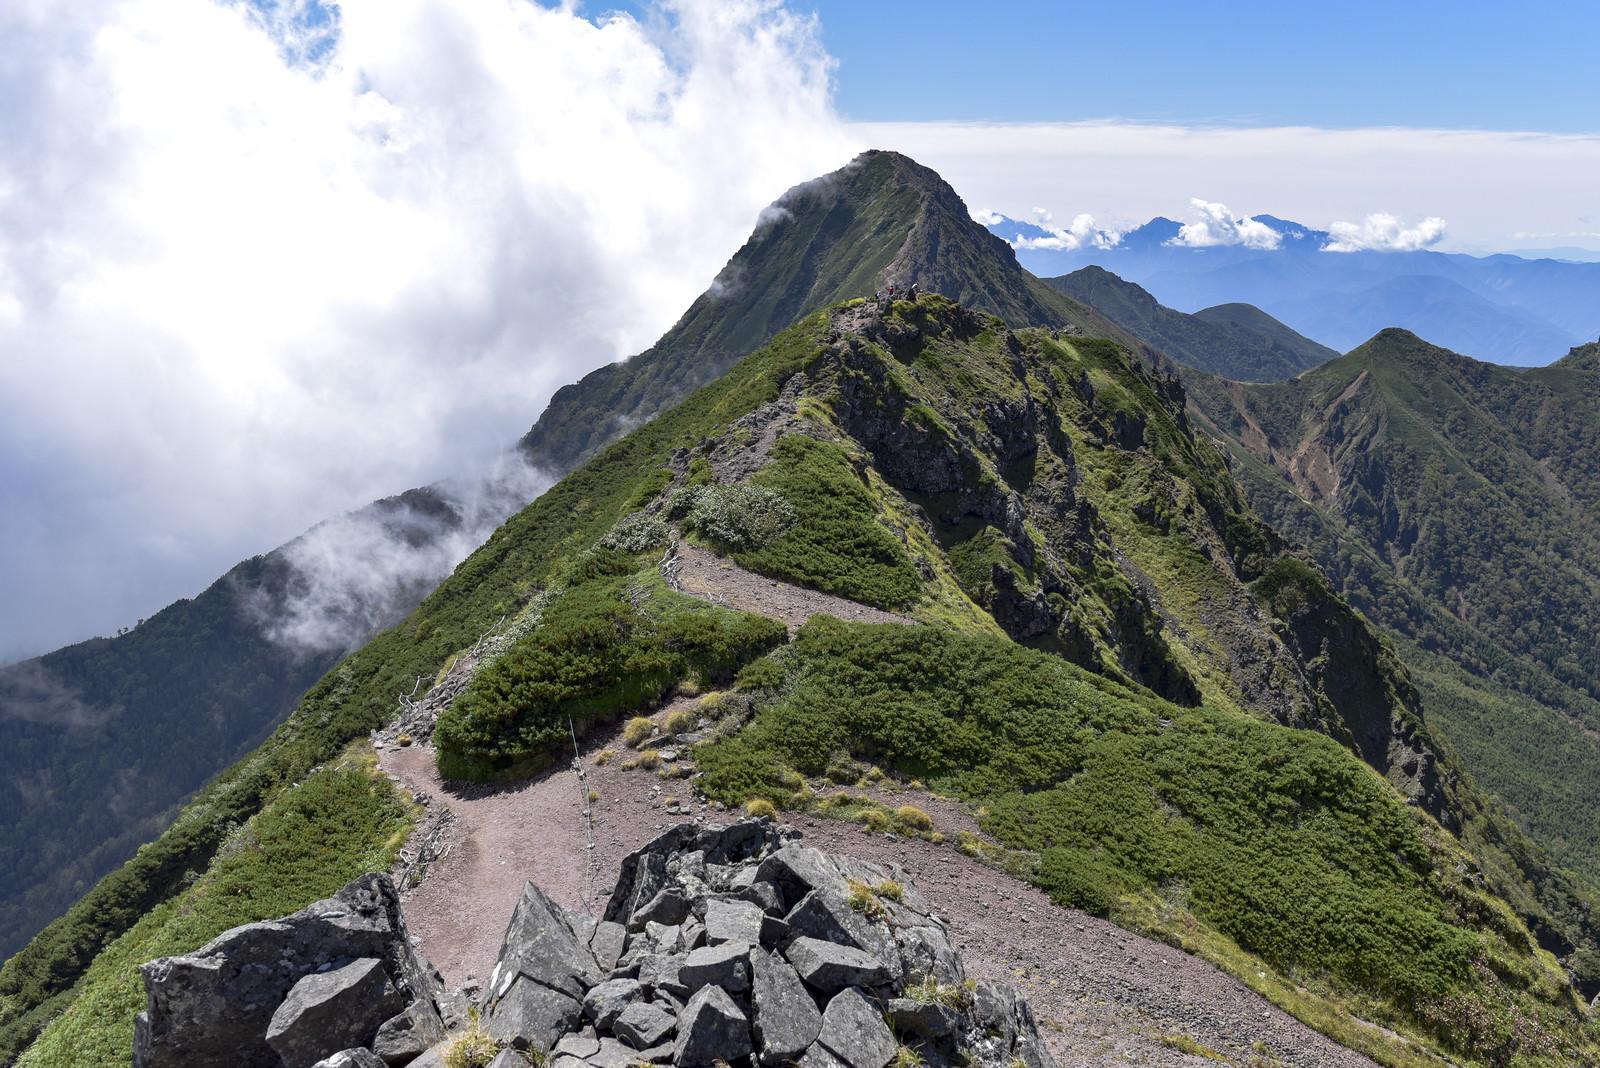 「横岳登山道から見る赤岳の景色」の写真